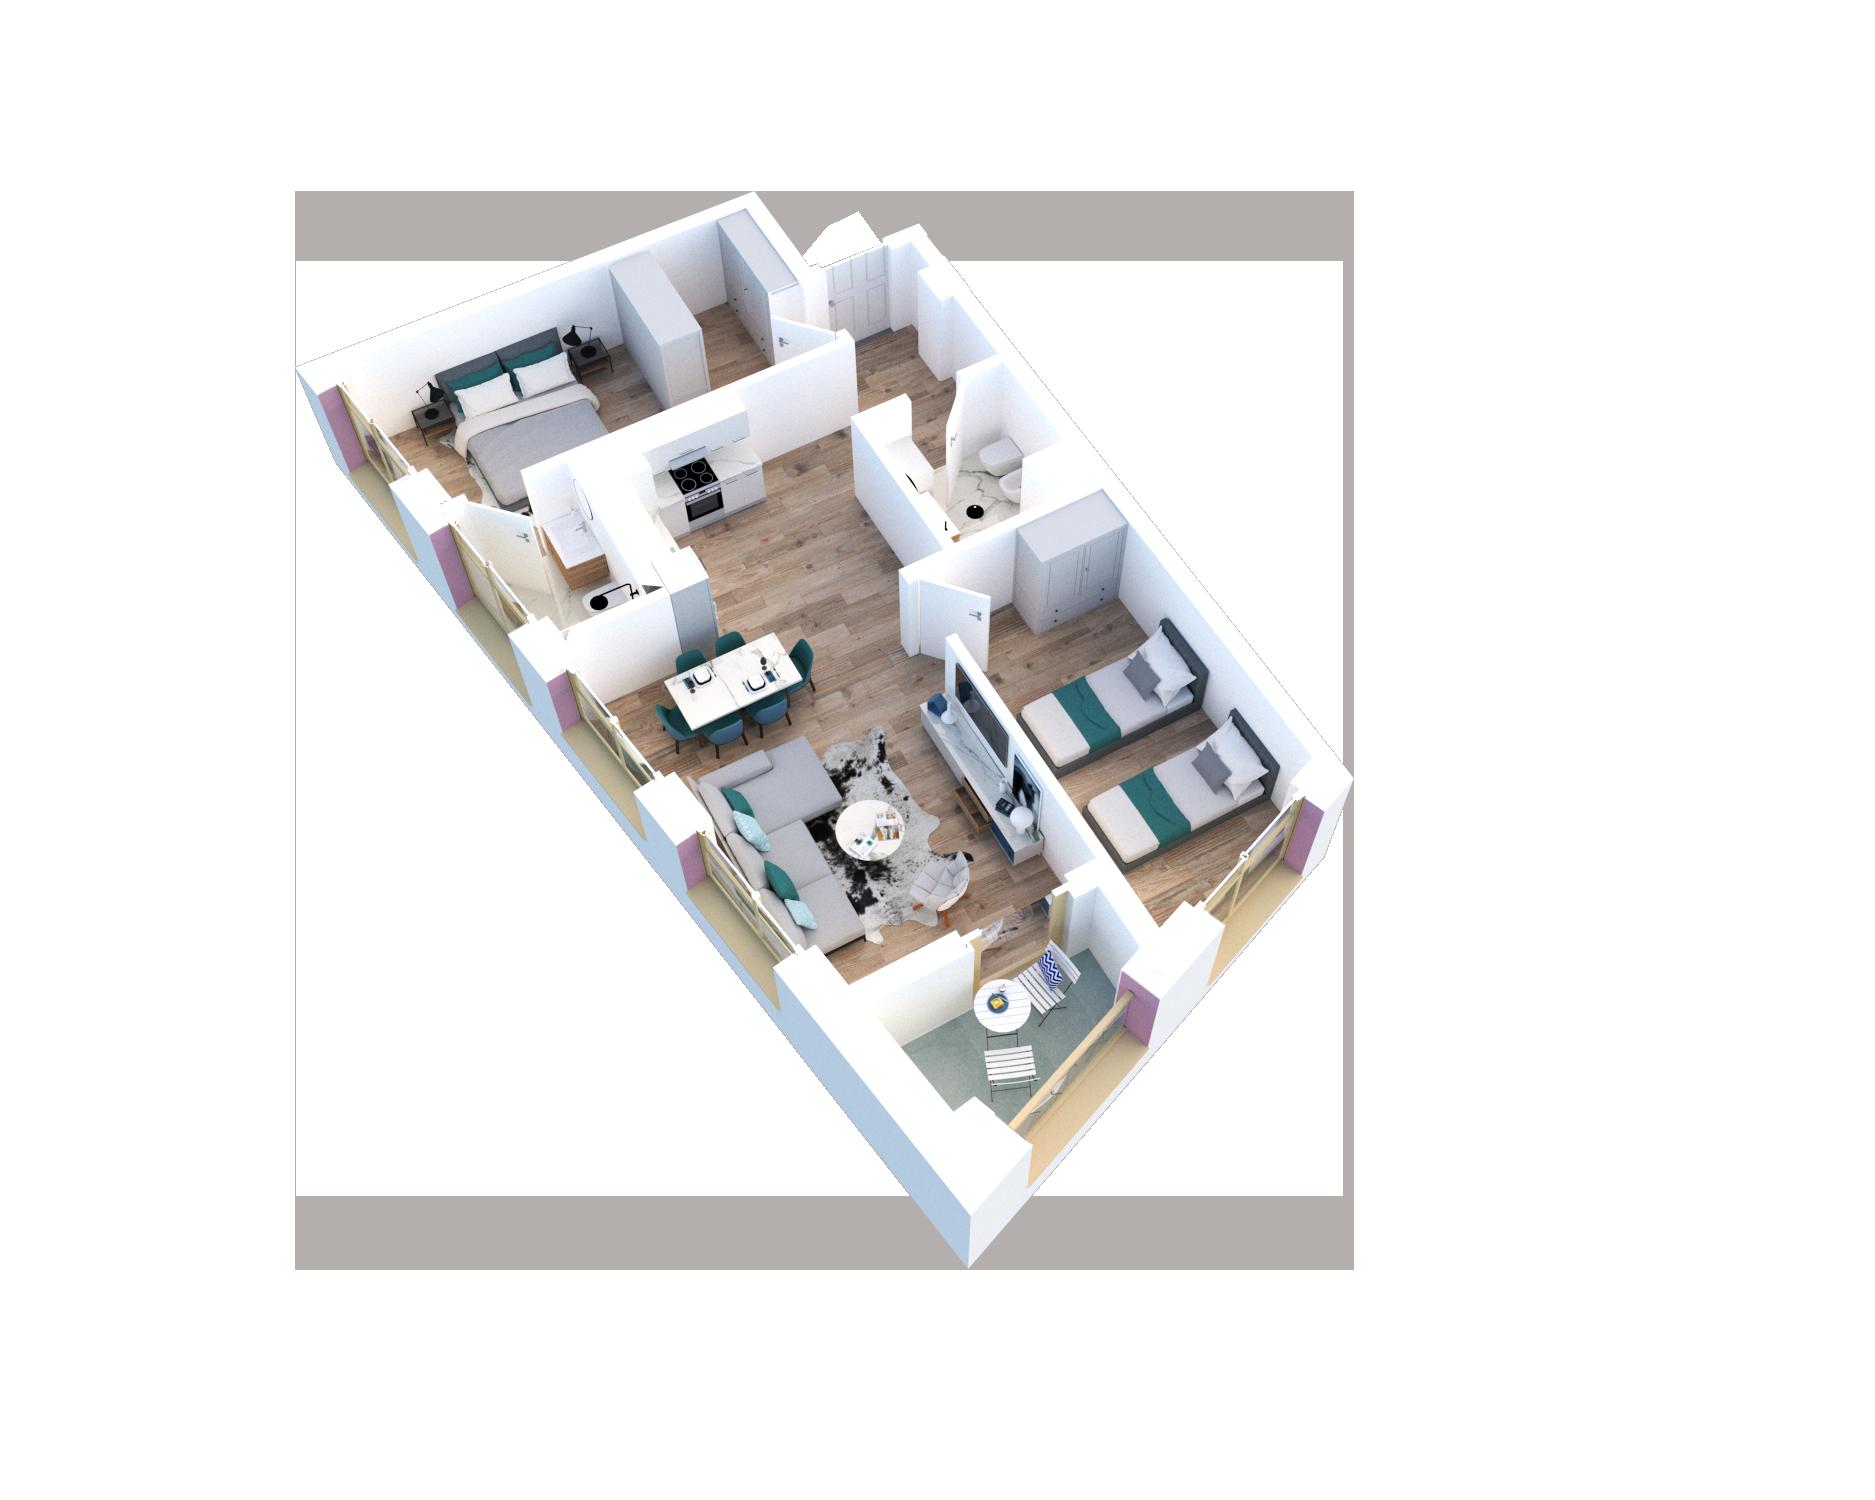 Apartament 2+1 në shitje në Tiranë - Mangalem 21 Shkalla 28 Kati 6